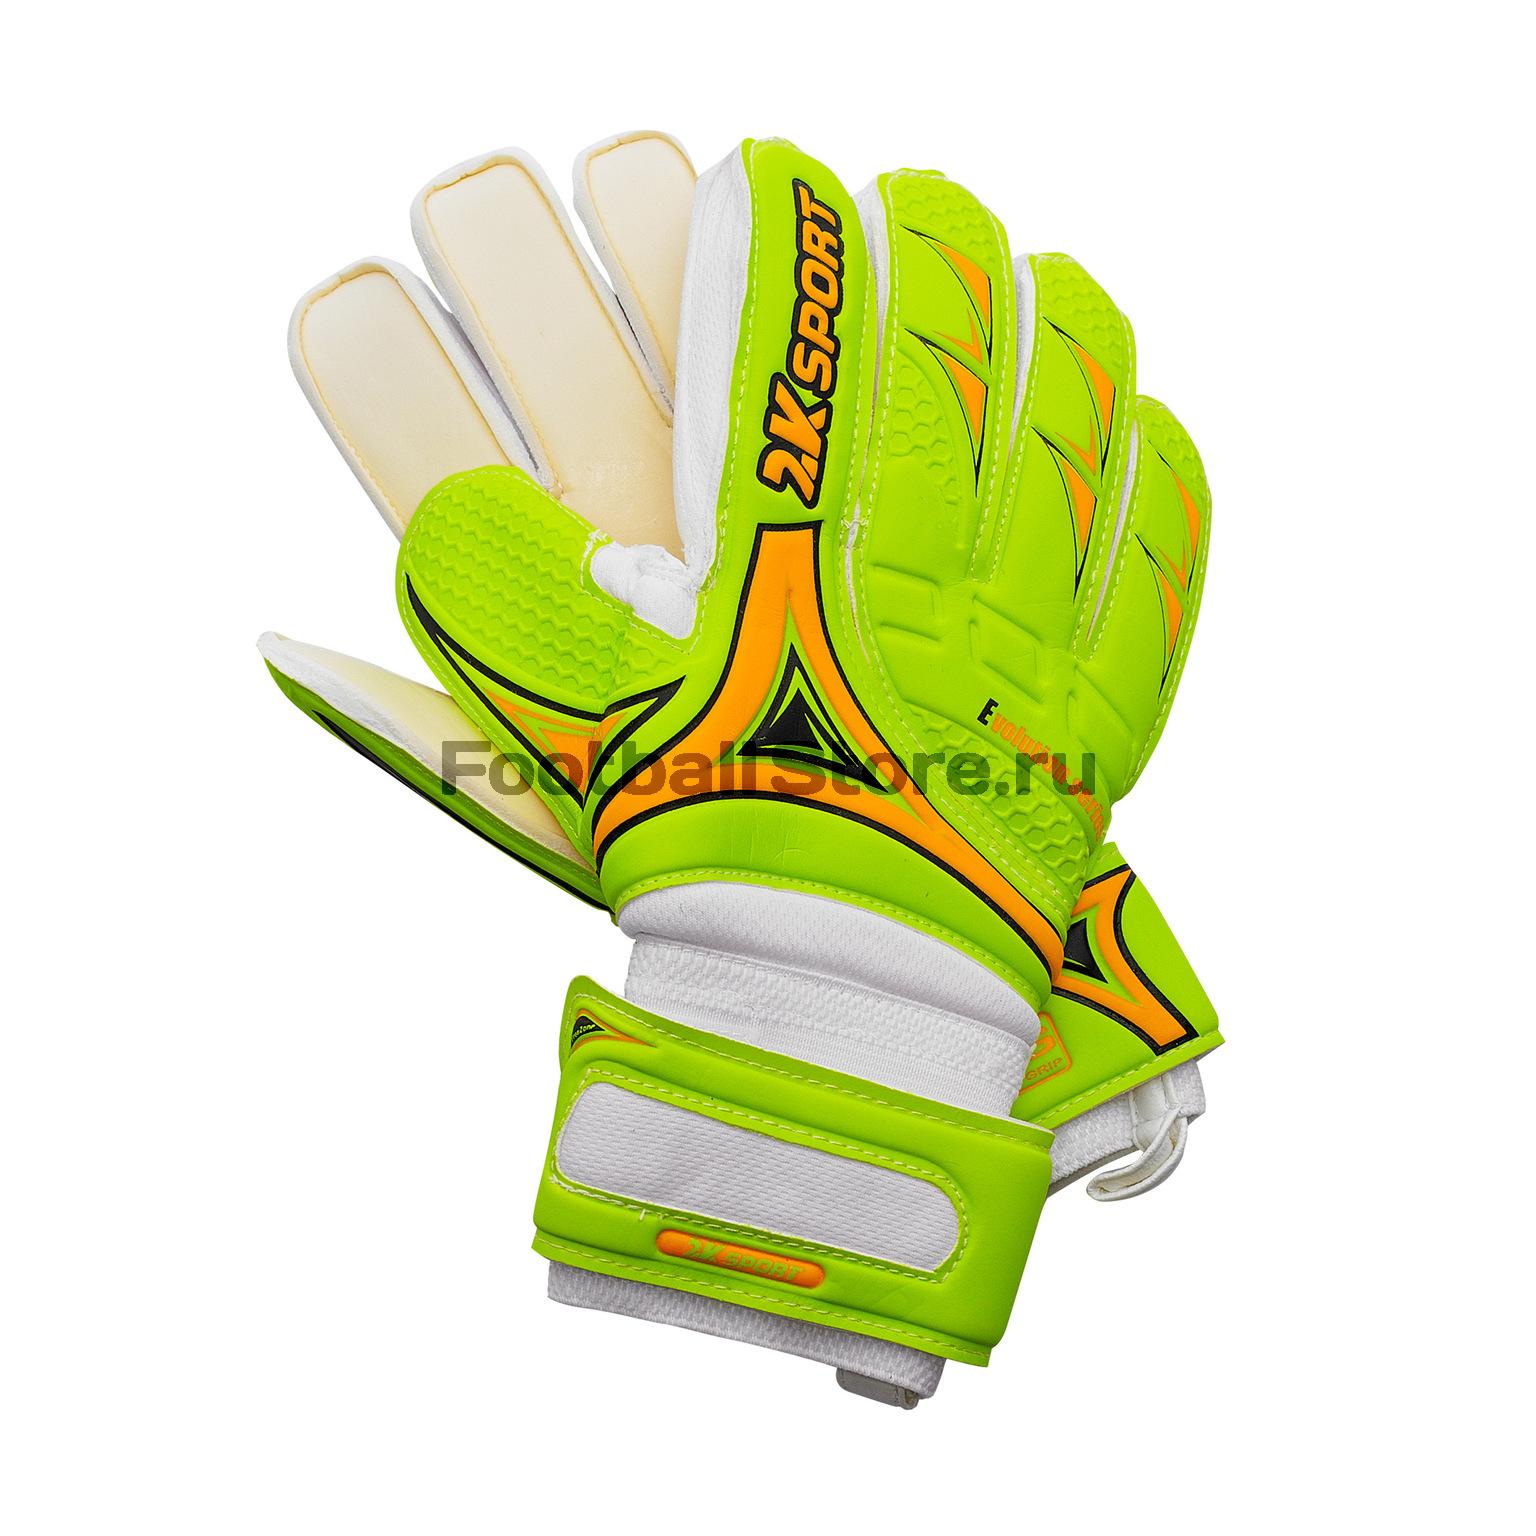 купить Перчатки вратарские 2K Sport Evolution 124915-LE дешево